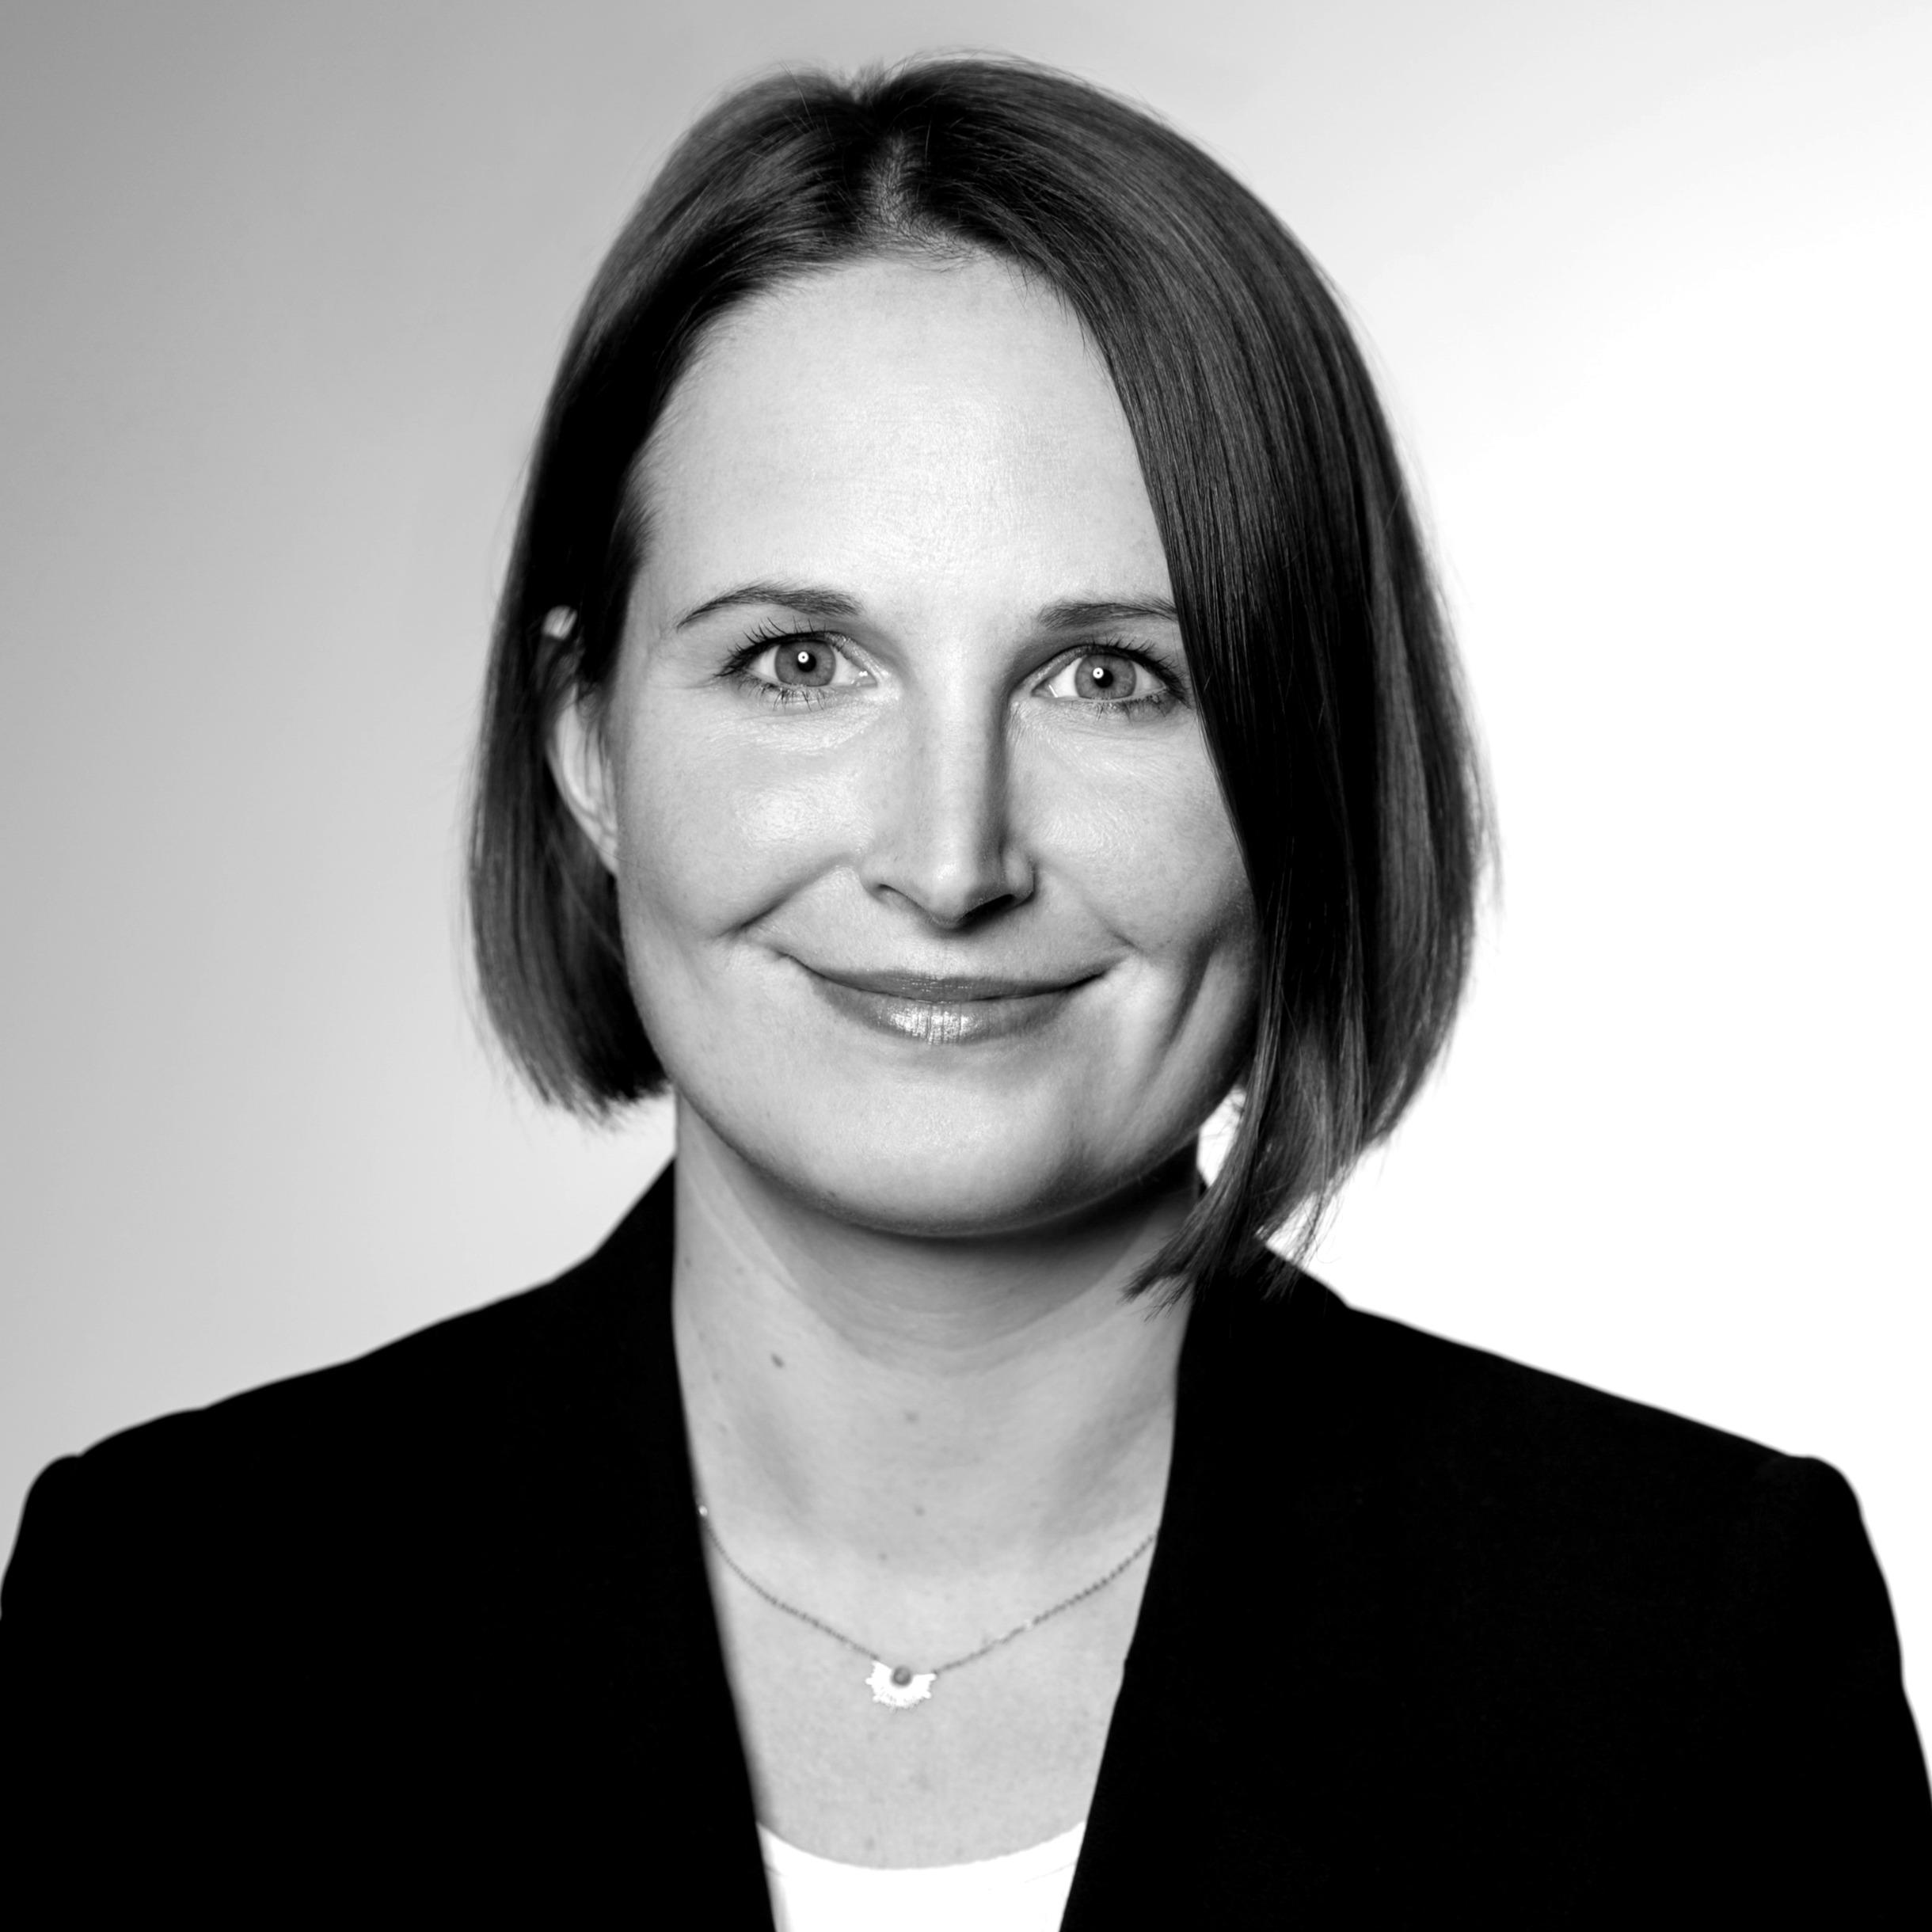 Ann-Christin Solas